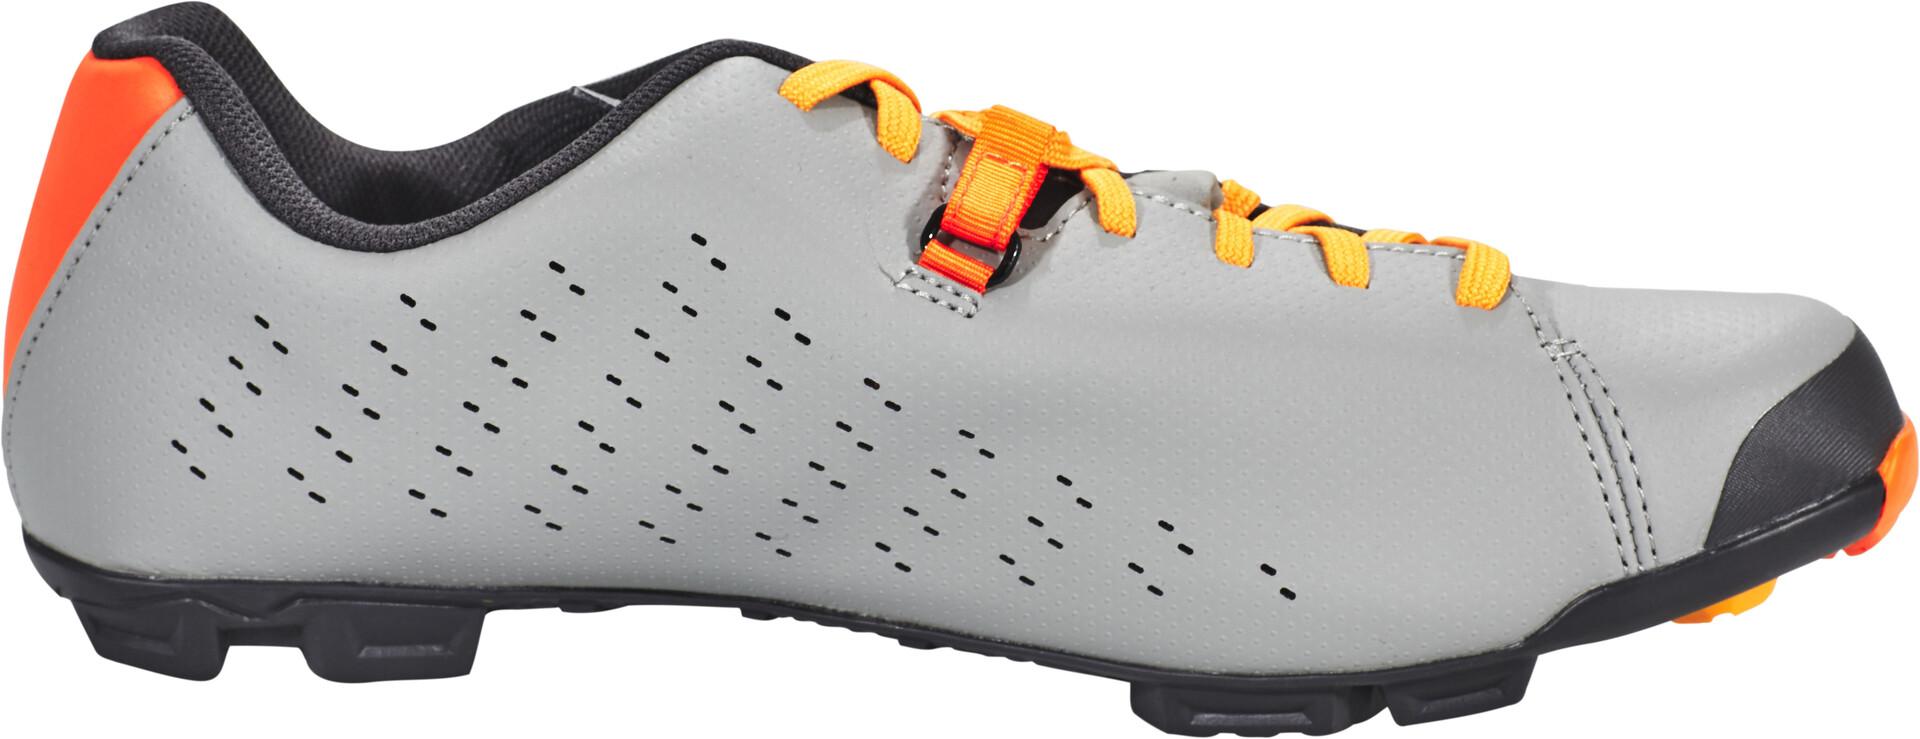 Shimano SH XC5 Chaussures de cyclisme, grey